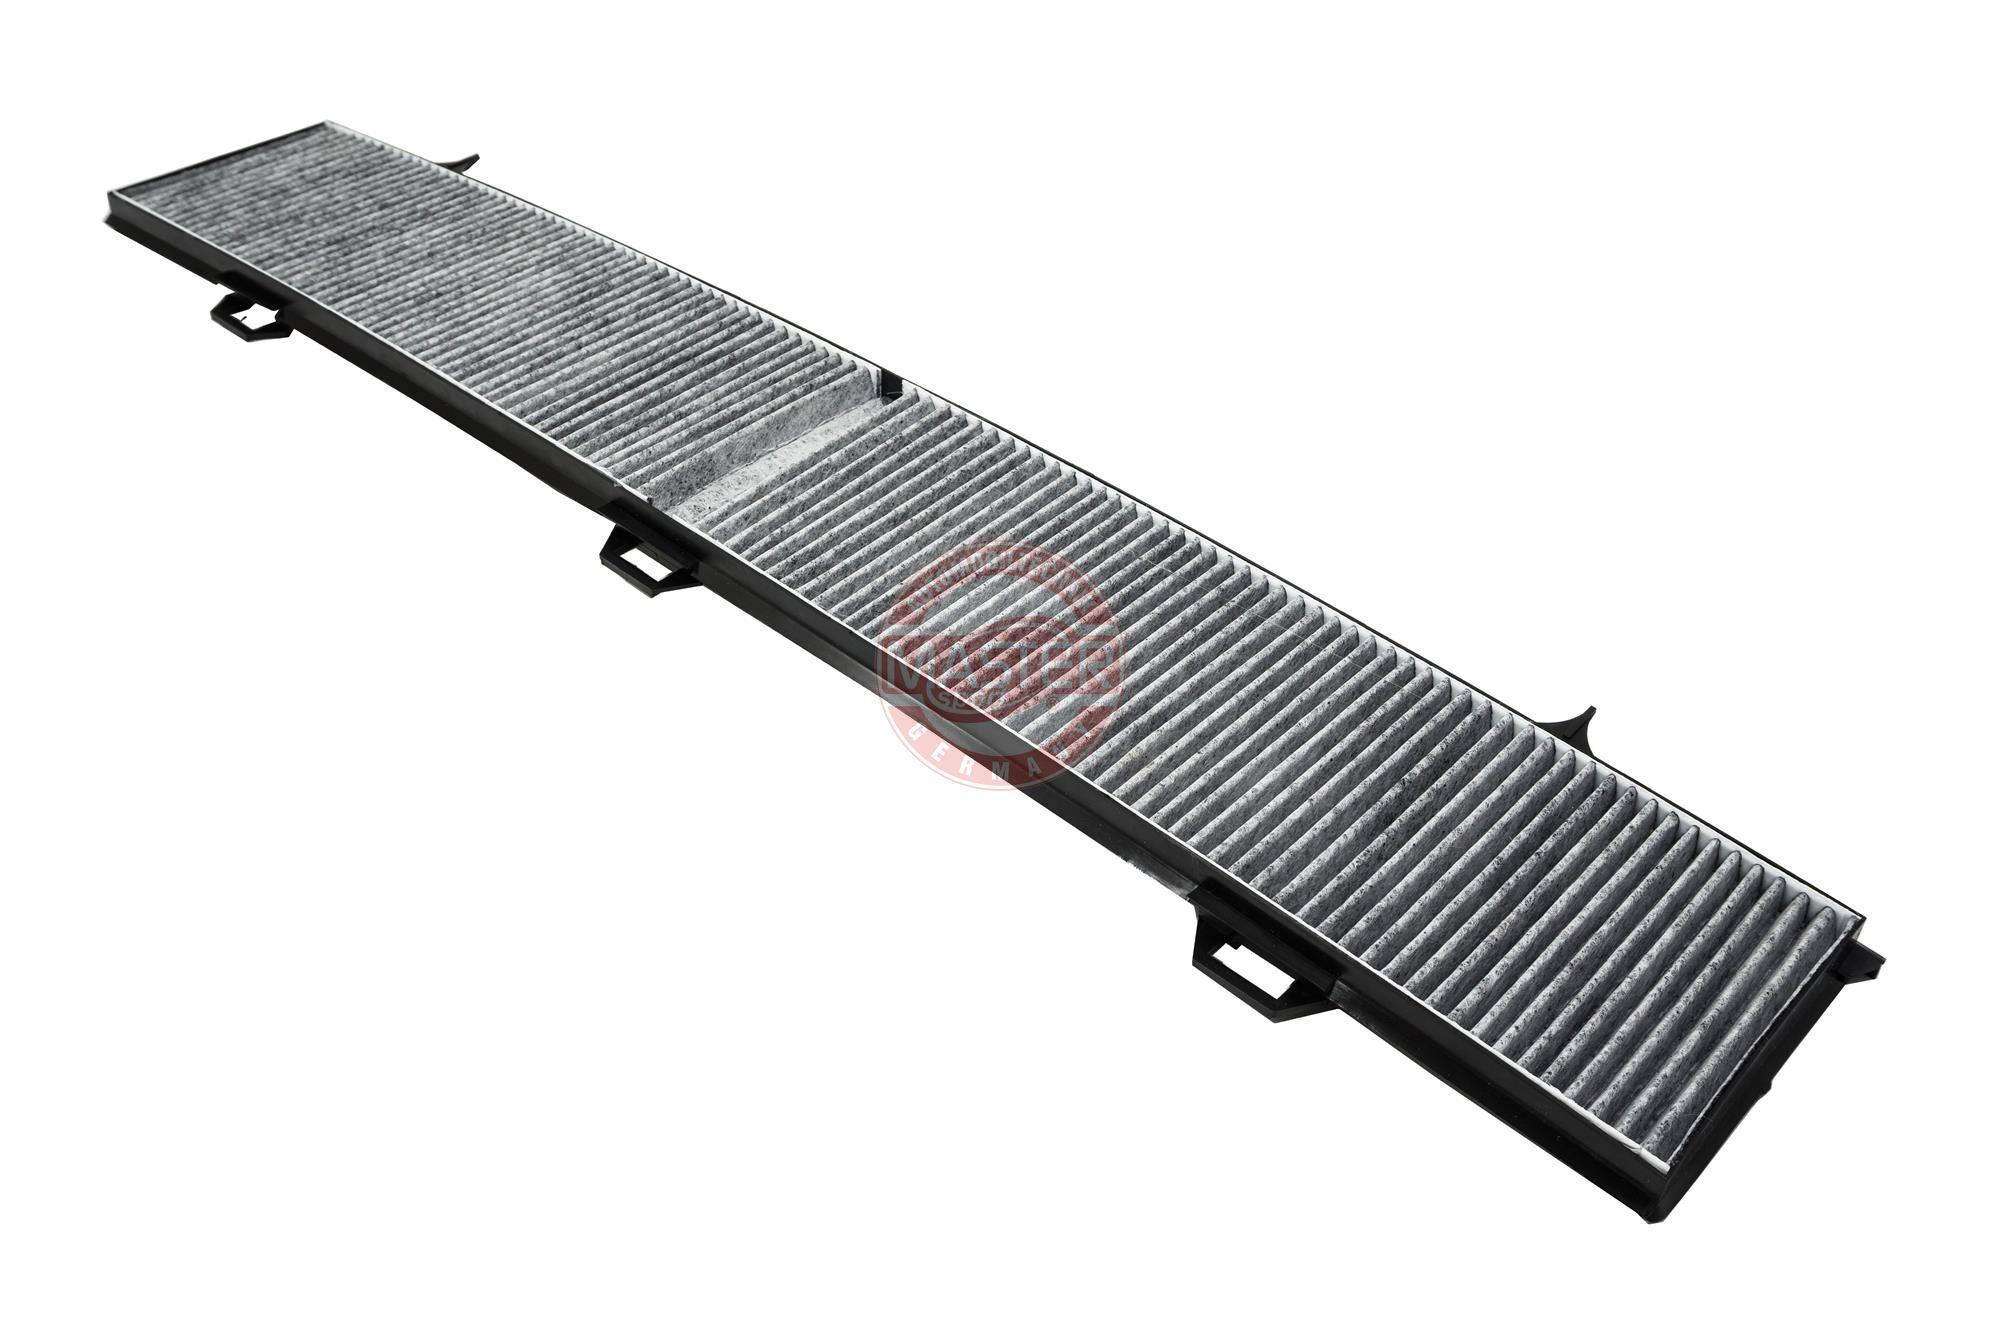 Achetez Climatisation MASTER-SPORT 8430-IF-PCS-MS (Largeur: 123mm, Hauteur: 20mm, Longueur: 810mm) à un rapport qualité-prix exceptionnel